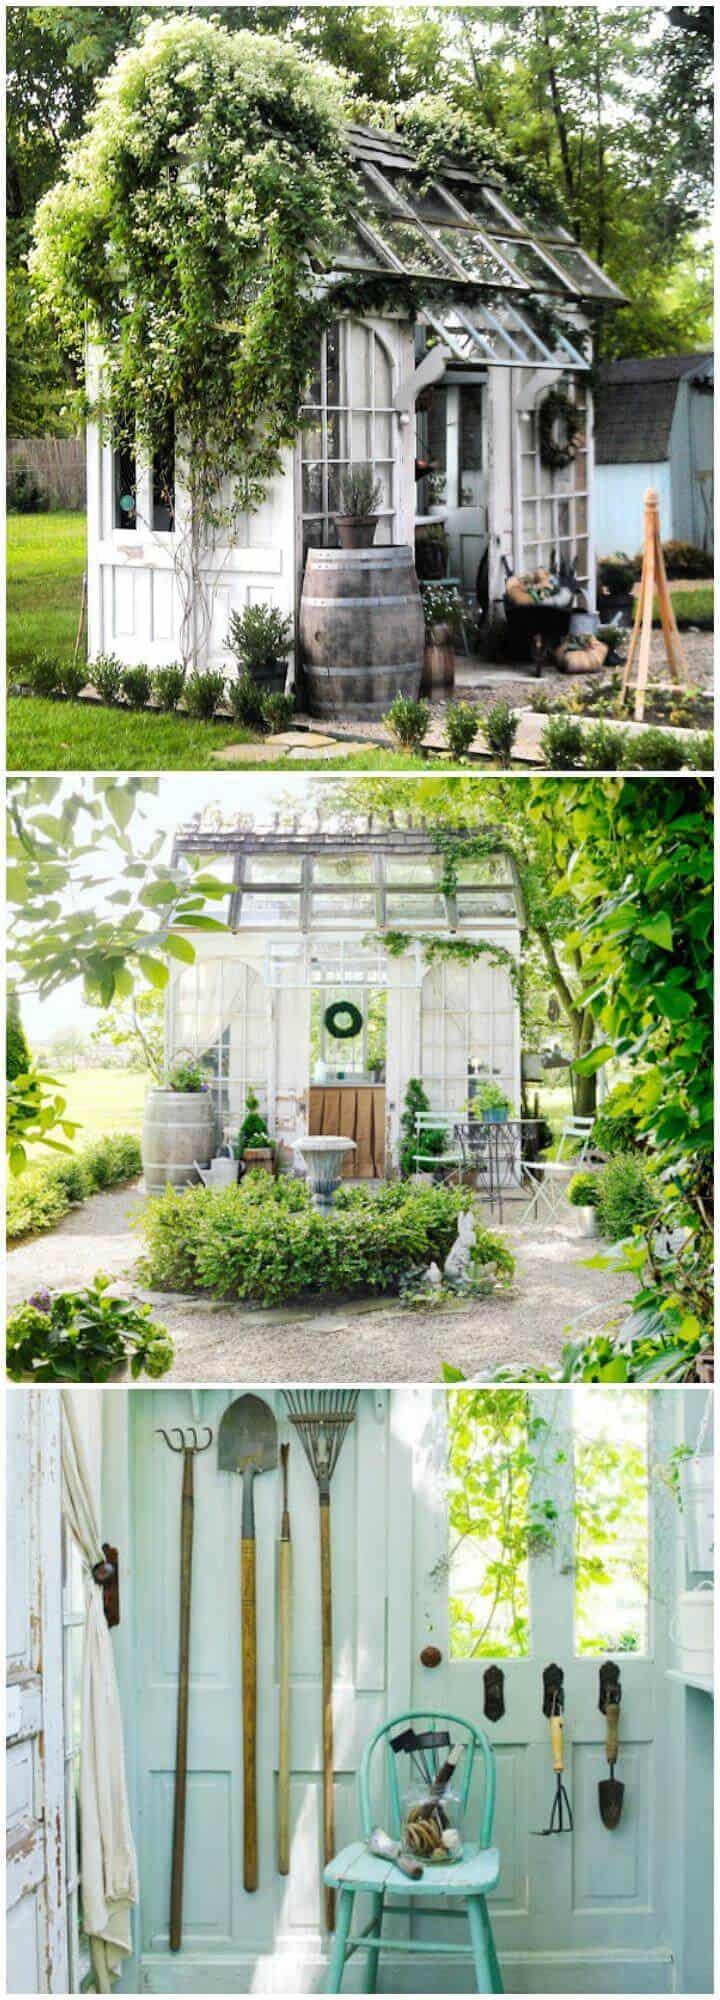 Invernadero de bricolaje hecho de puertas y ventanas viejas